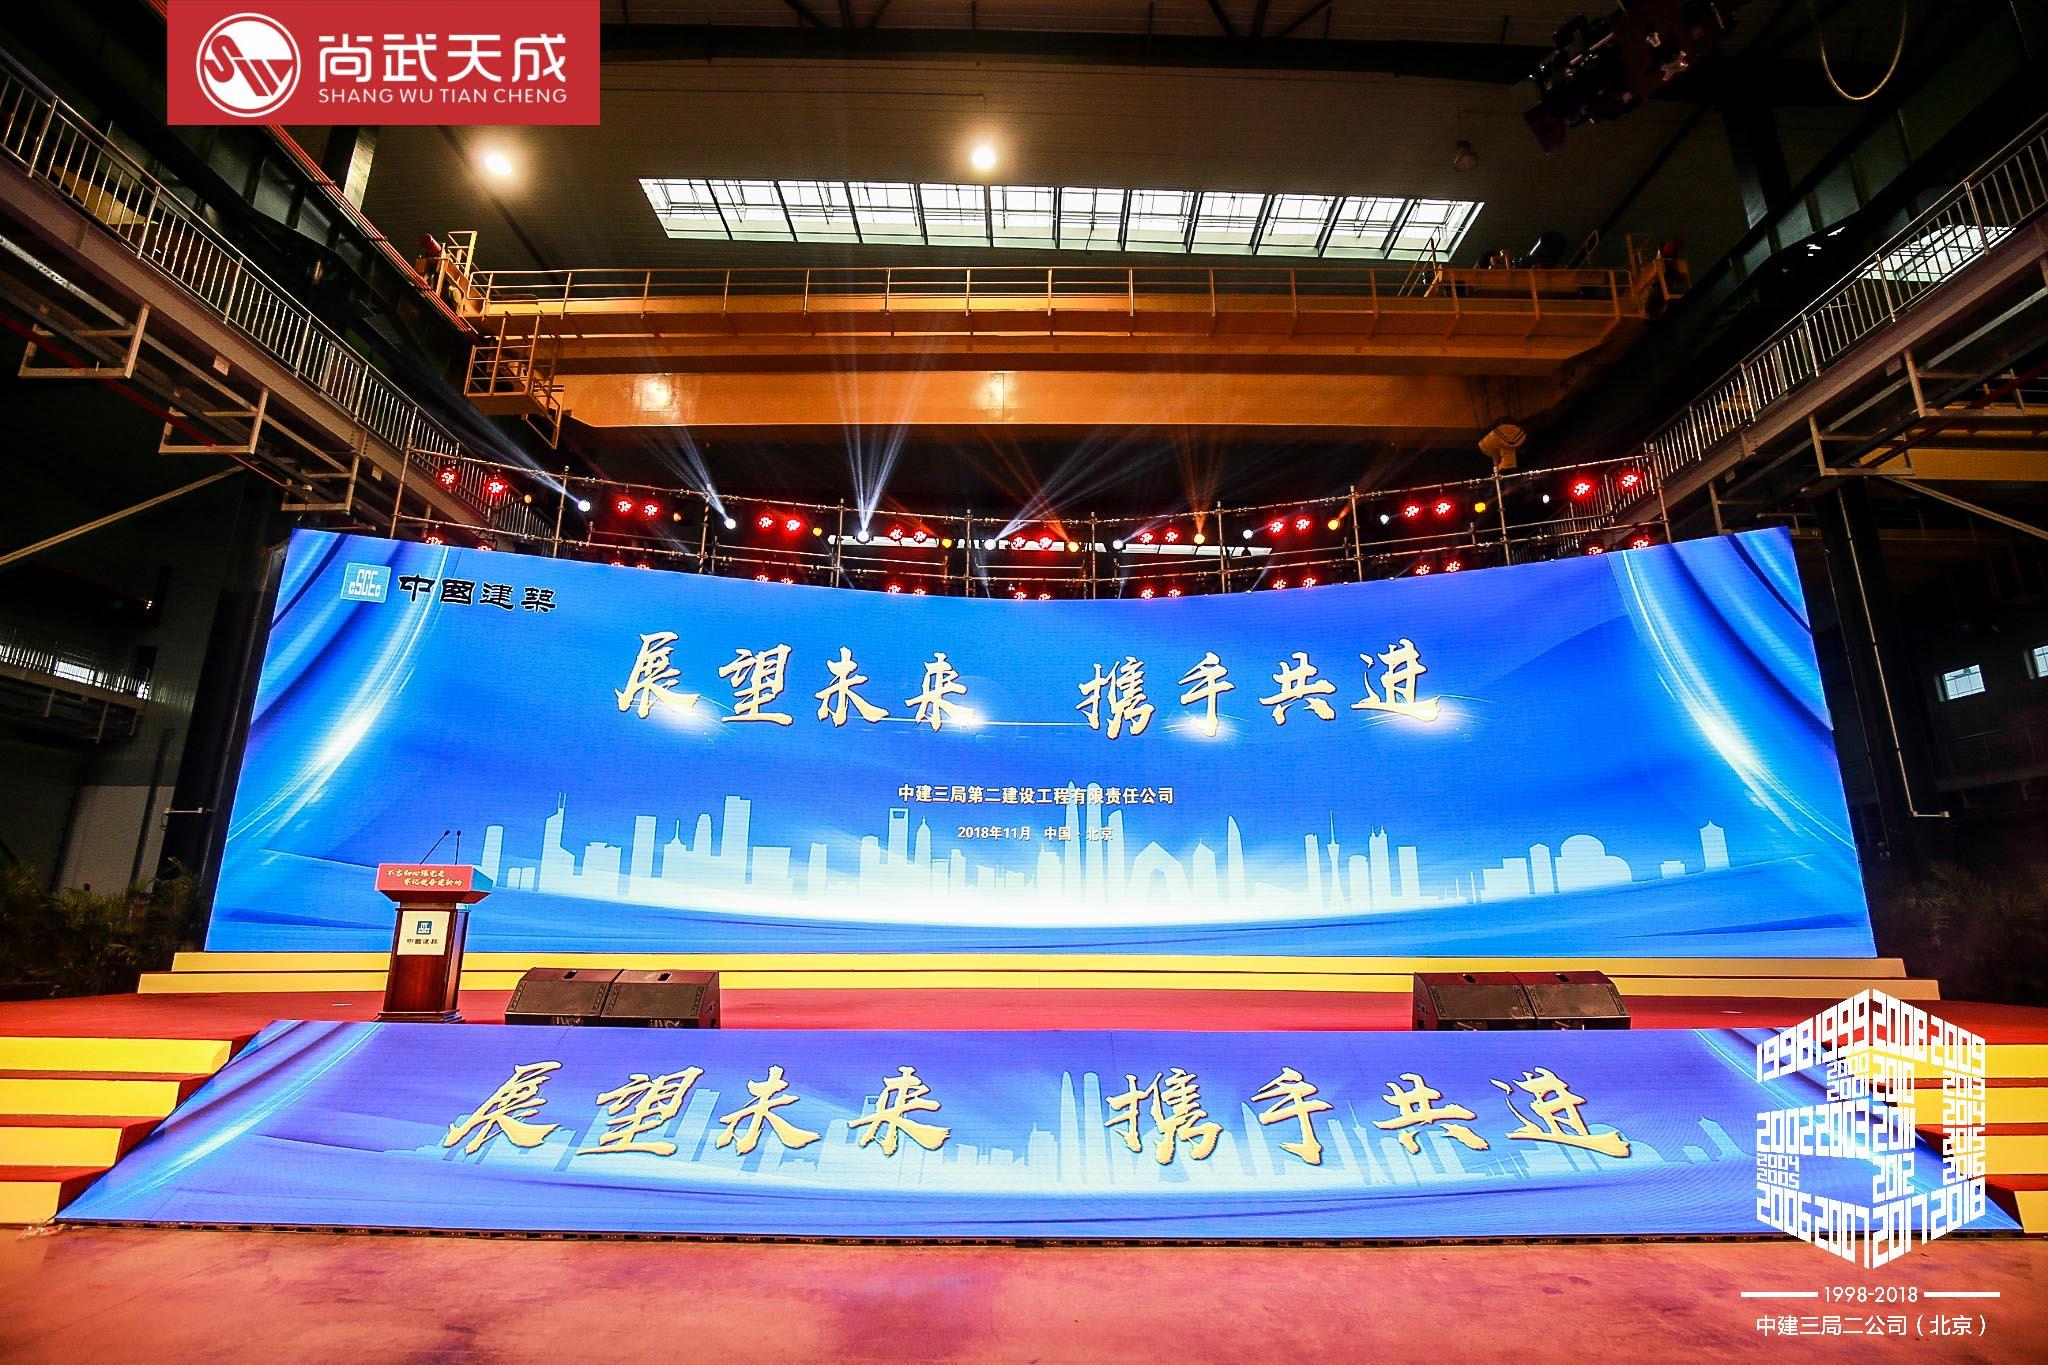 北京尚武天成国际文化传媒